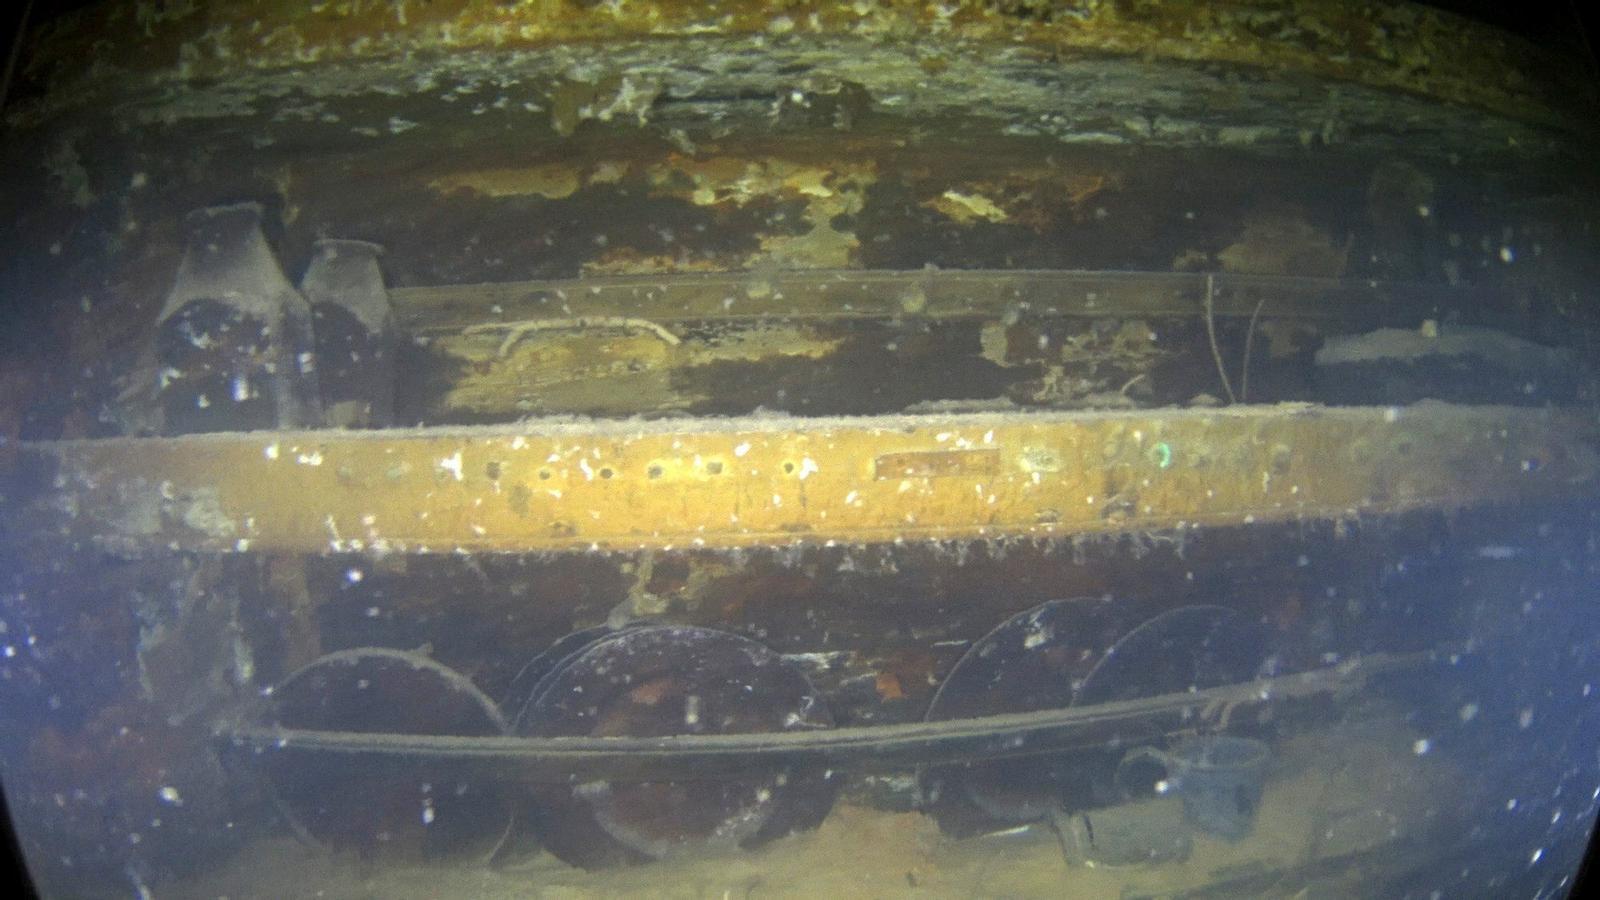 Primeres imatges del 'Terror', el vaixell desaparegut a l'Àrtic fa 170 anys